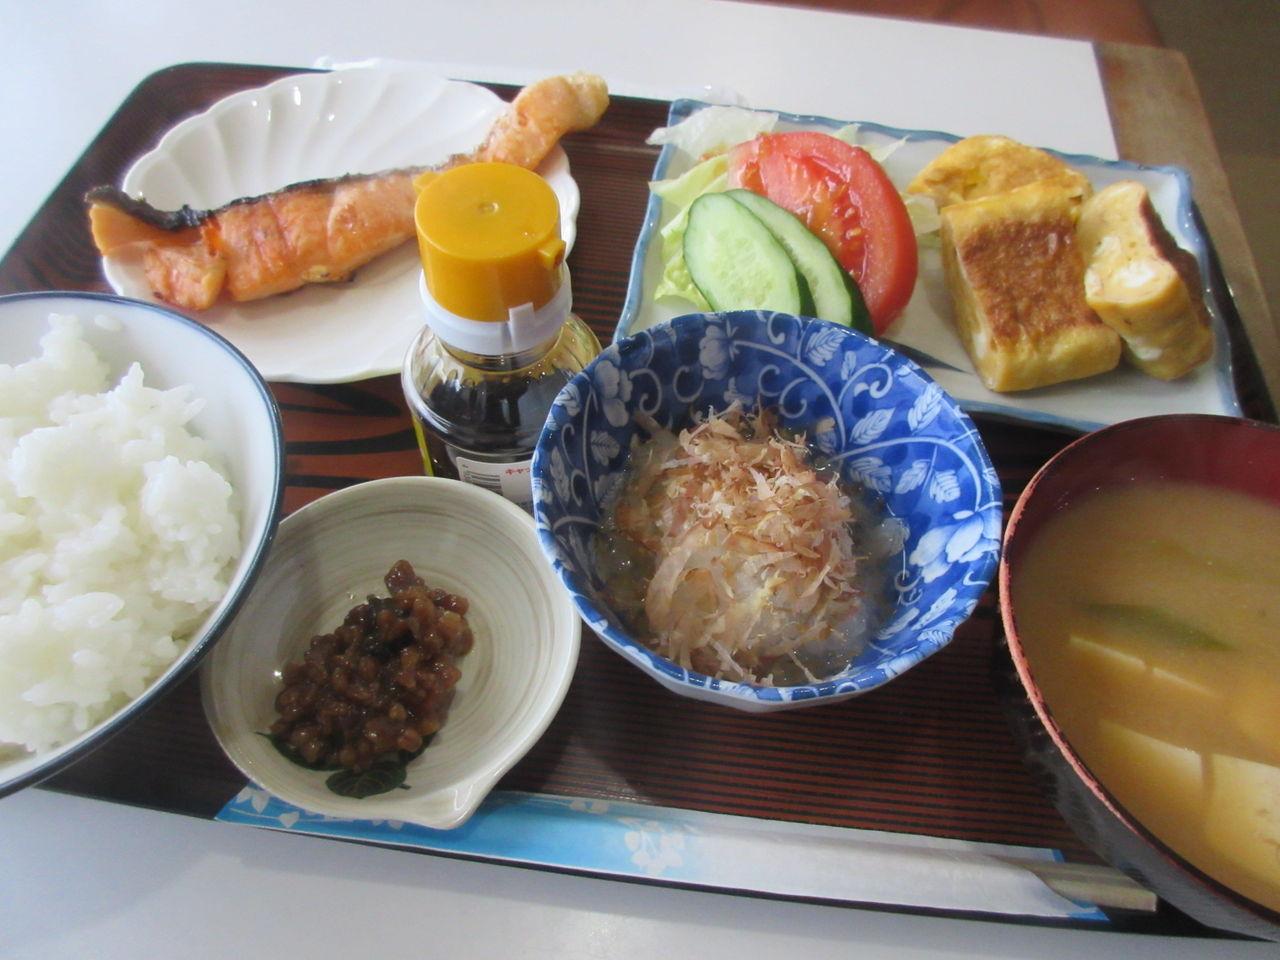 松江市 エスケープ 何から何までうまい日替わり定食700円 : くたばるまであと何本呑めるかな